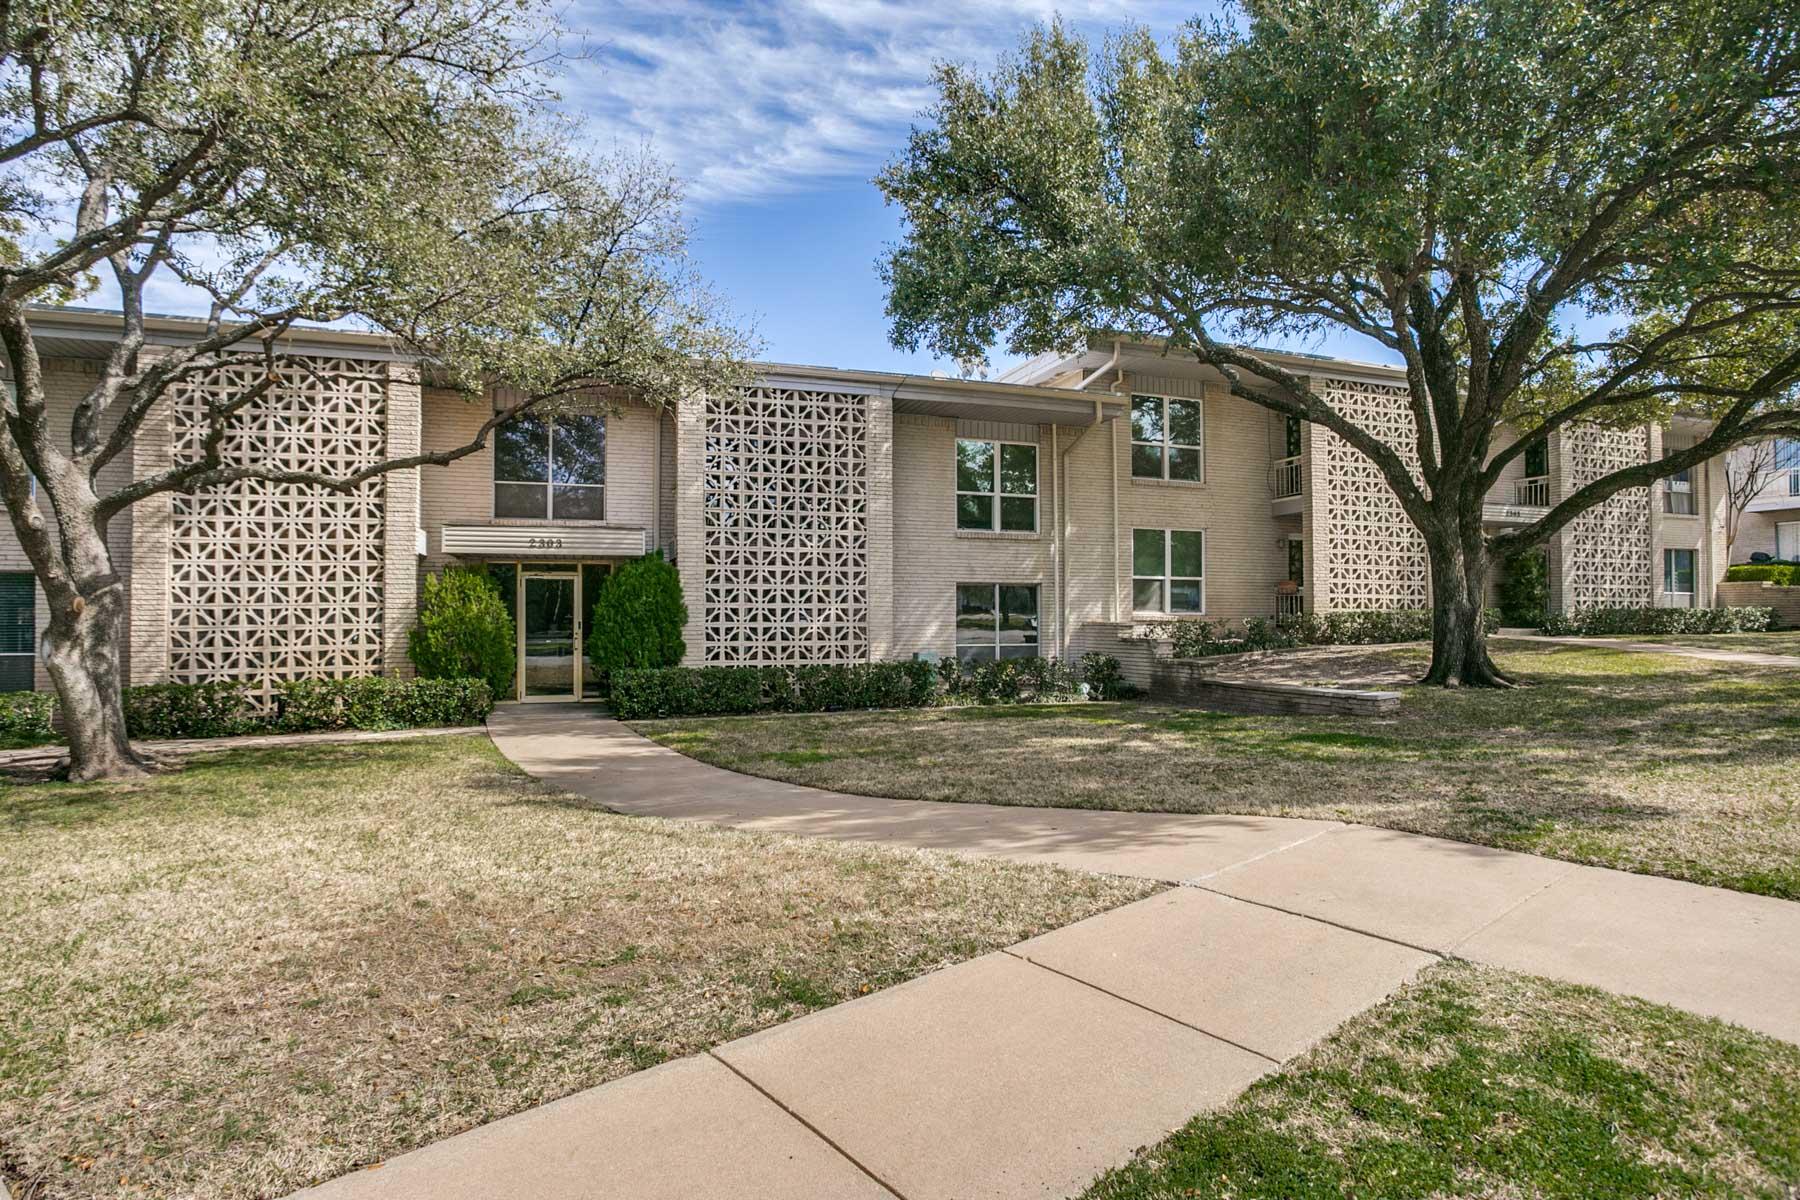 Vivienda unifamiliar por un Venta en 2303 Ridgmar Plaza 29, Fort Worth Fort Worth, Texas, 76116 Estados Unidos